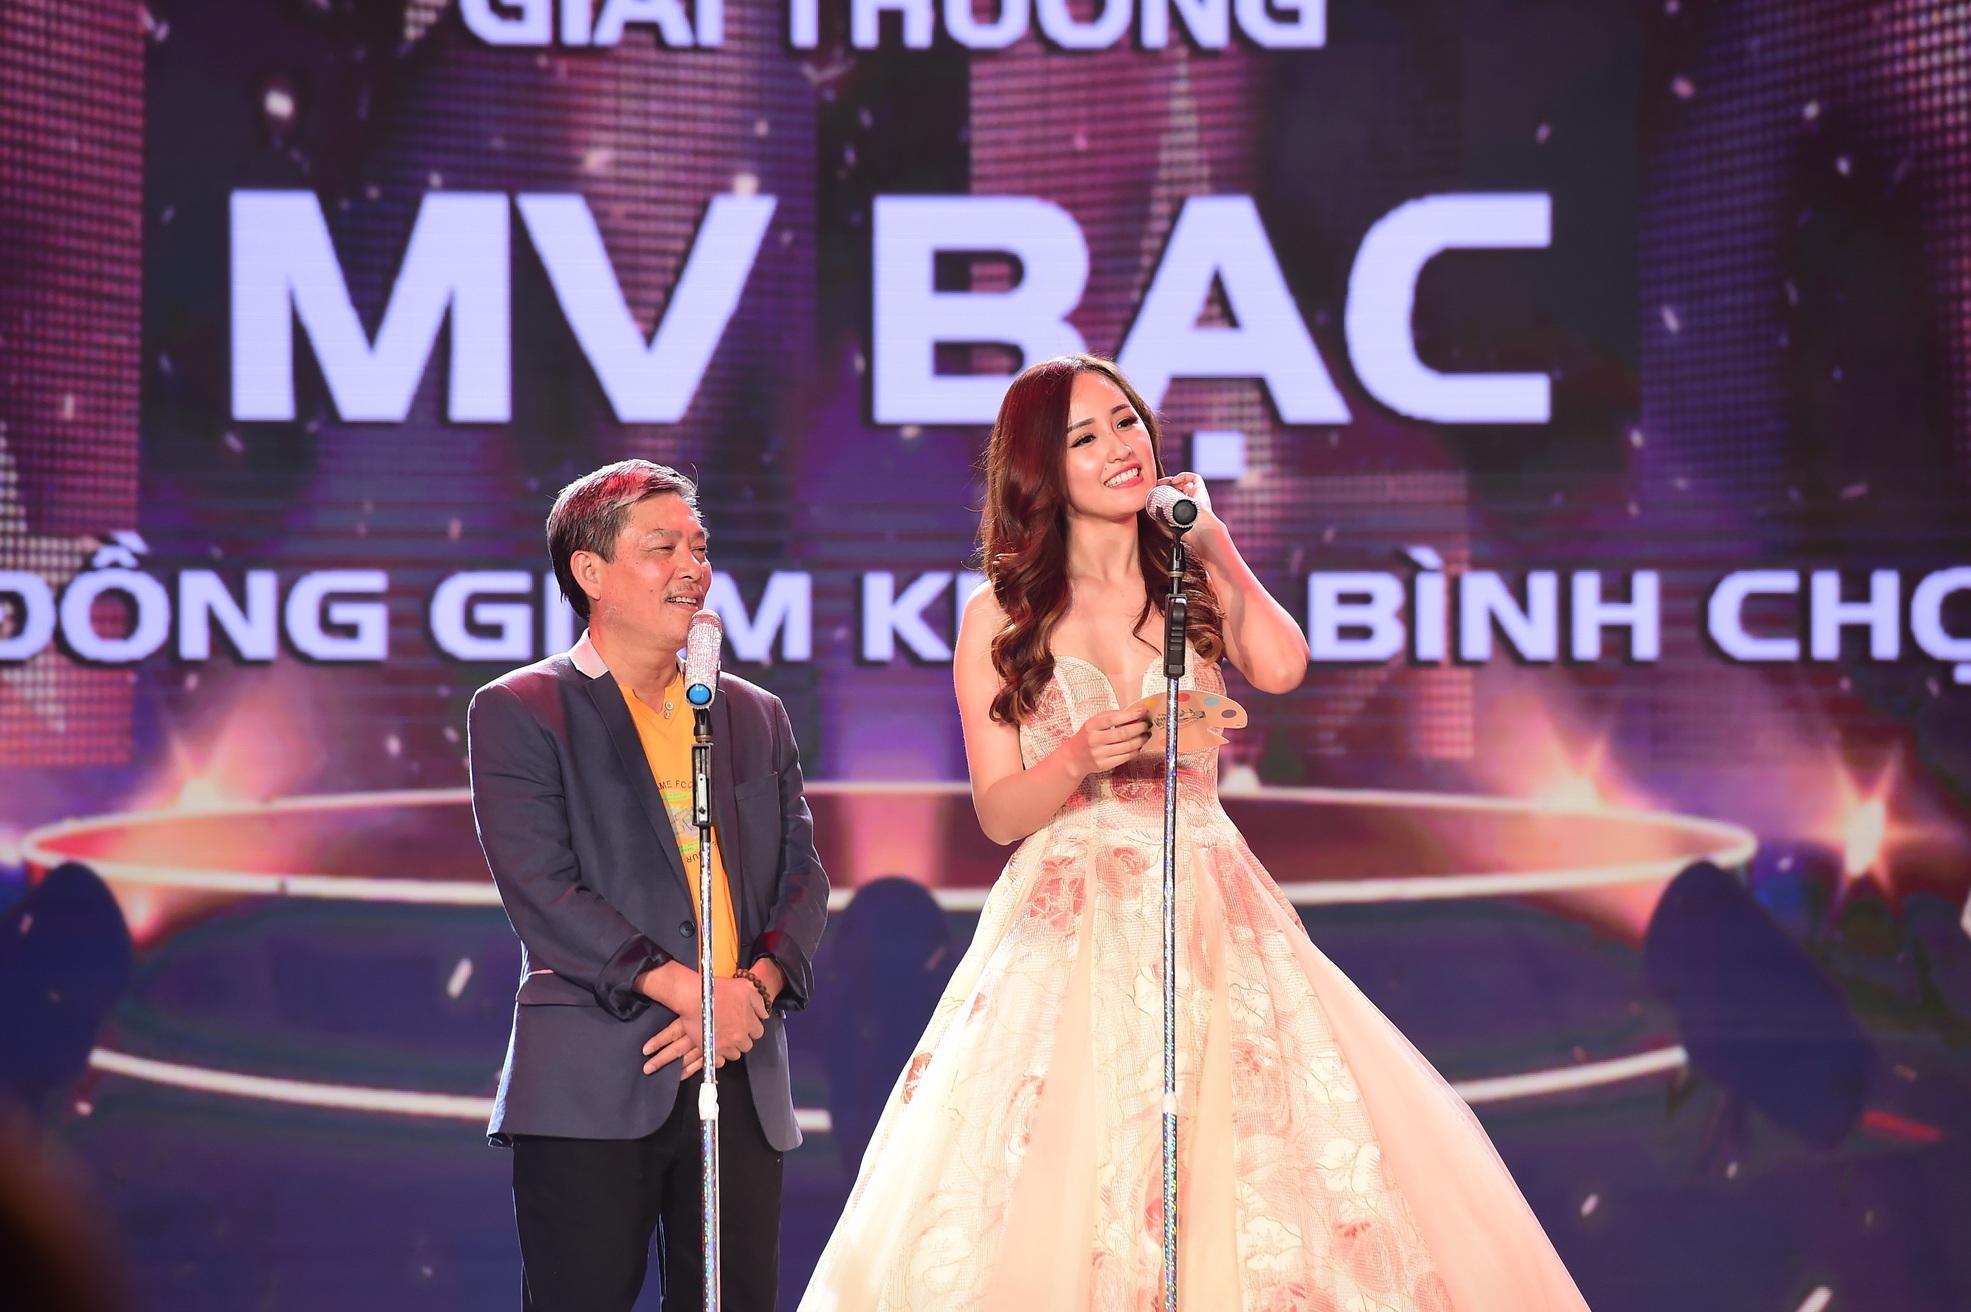 Hoa hậu Mai Phương Thúy trao giải cho các ca sĩ đoạt giải